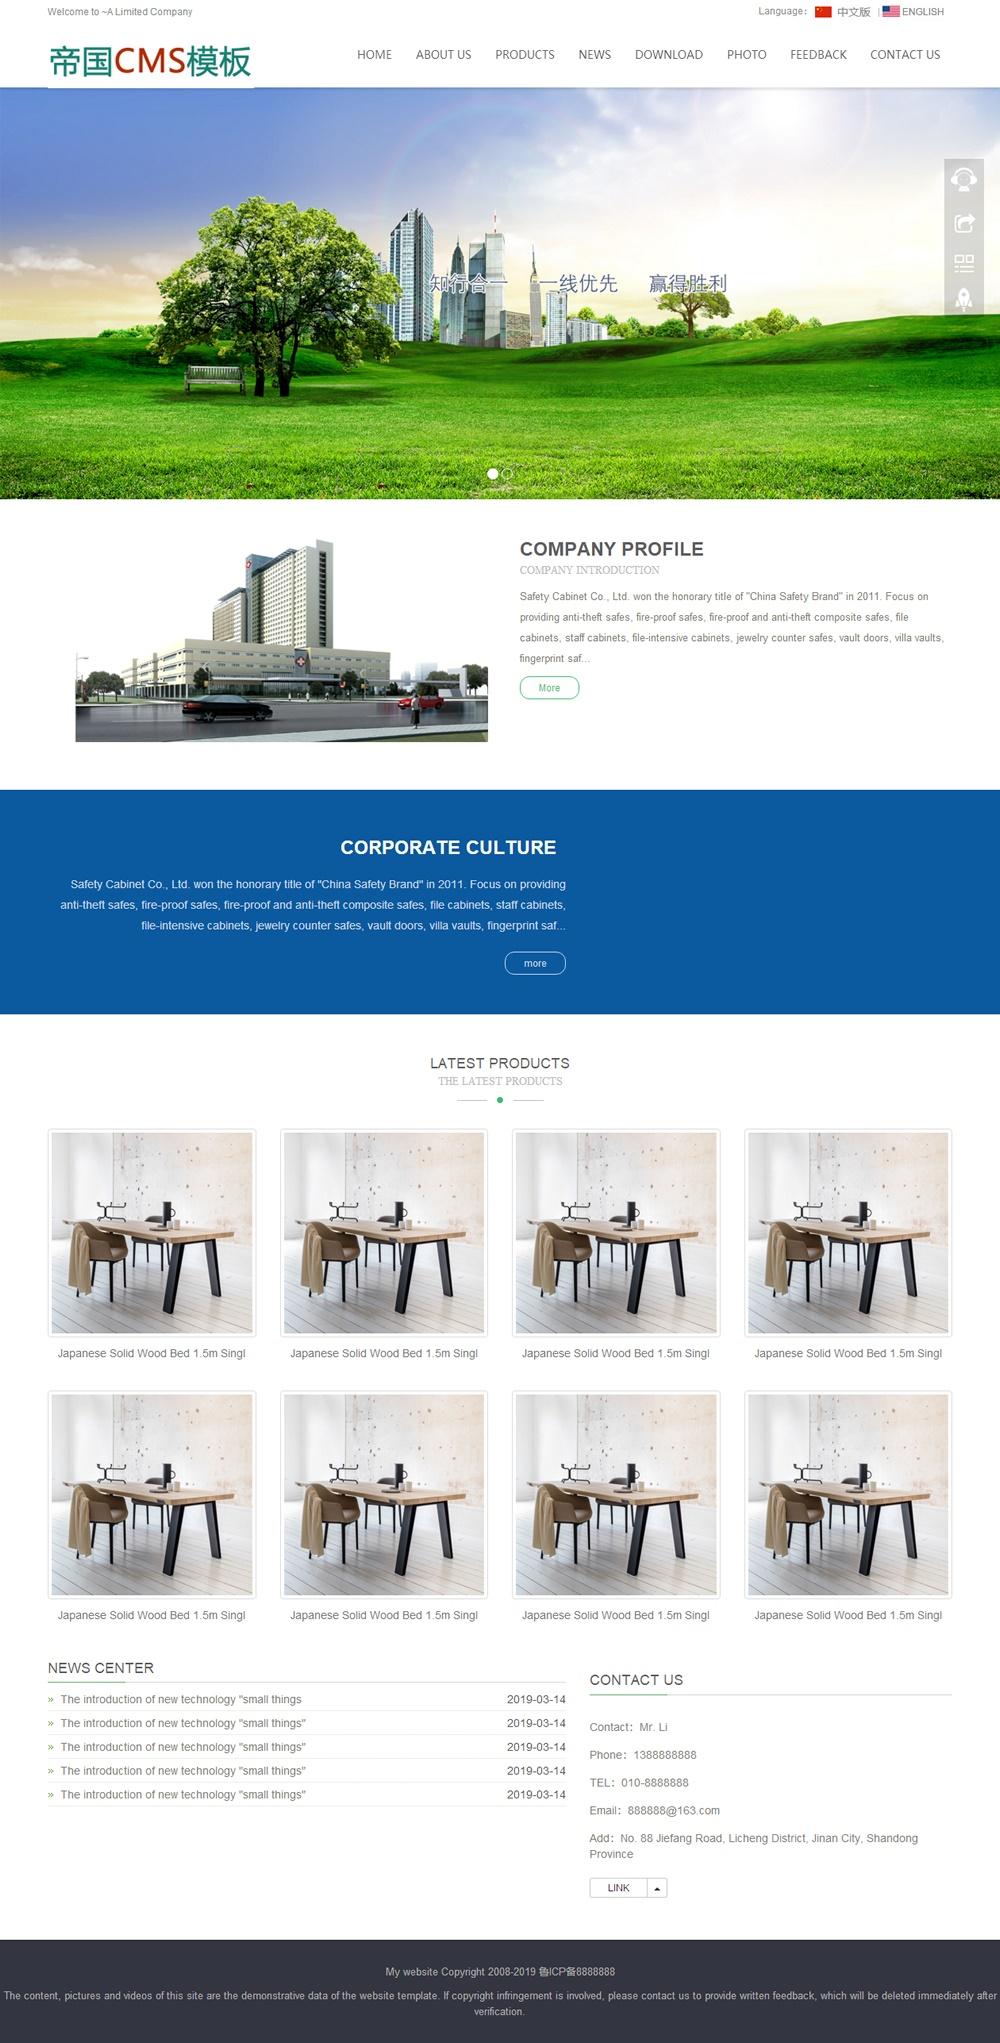 帝国cms自适应响应式中英文双语公司企业通用网站模板_英文版首页